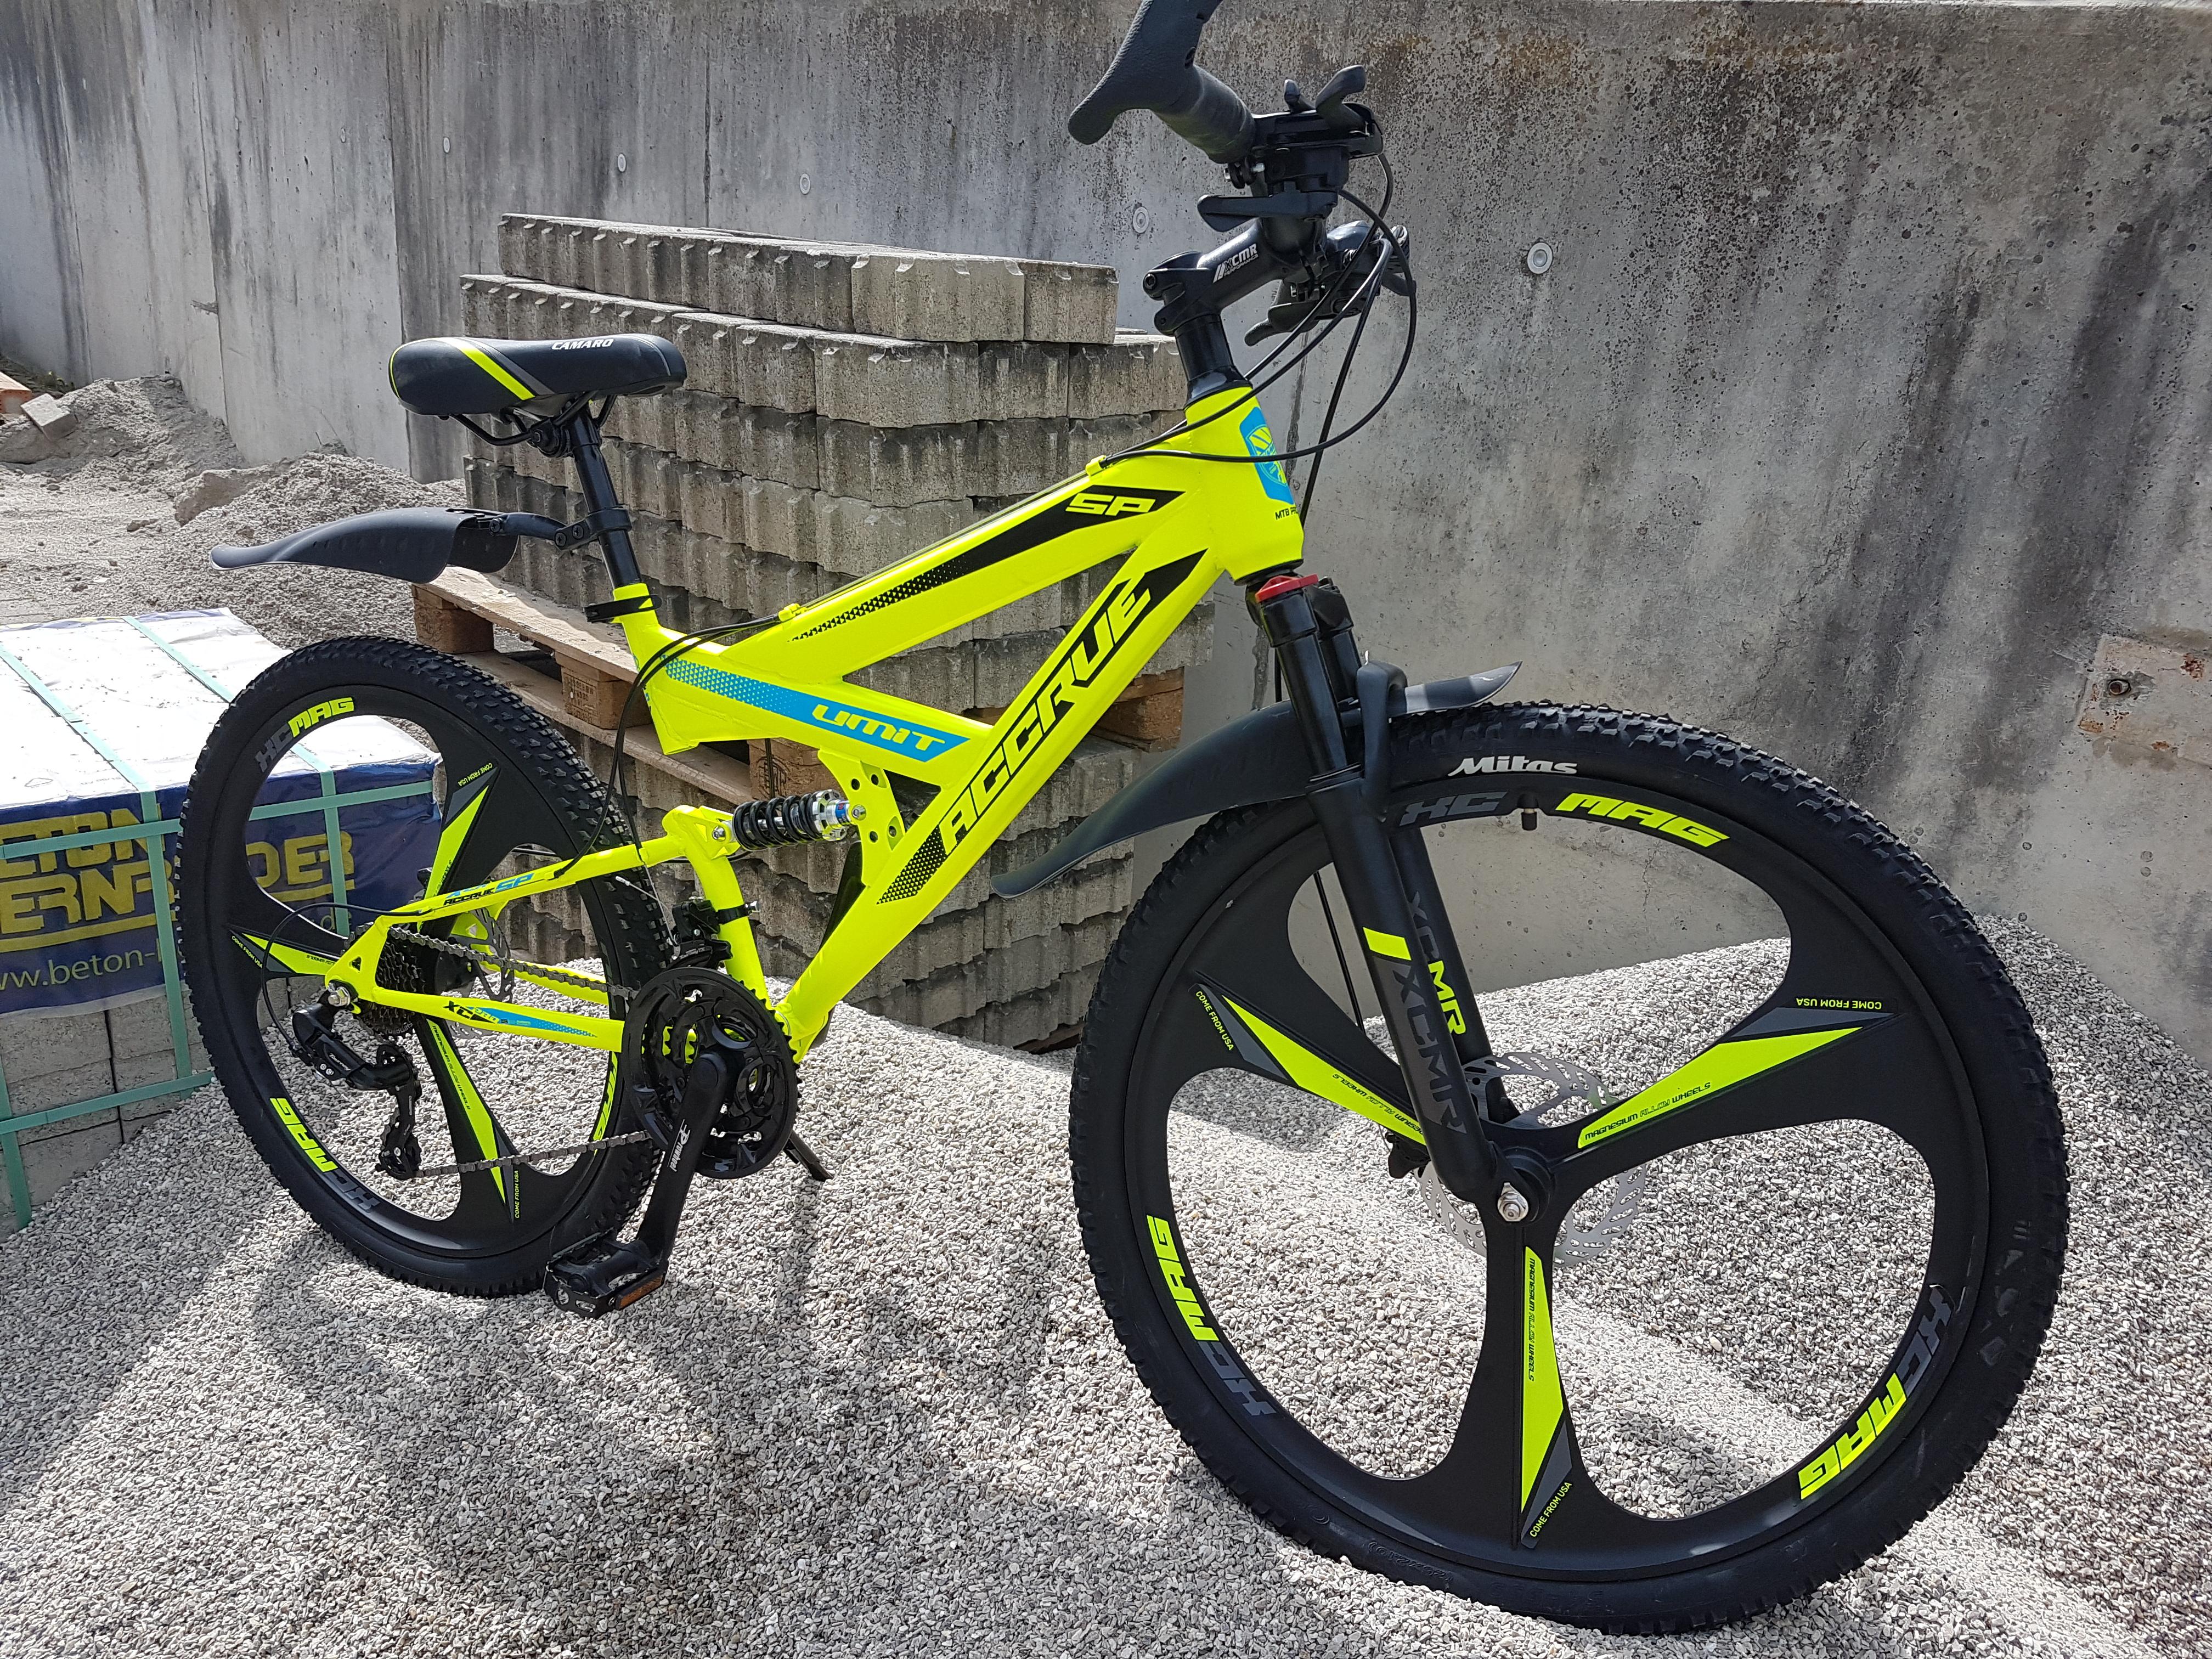 Gelb-Grün Alurahmen 26 Zoll Mountainbike Romet Rambler 6.0 Shimano 21-Gang